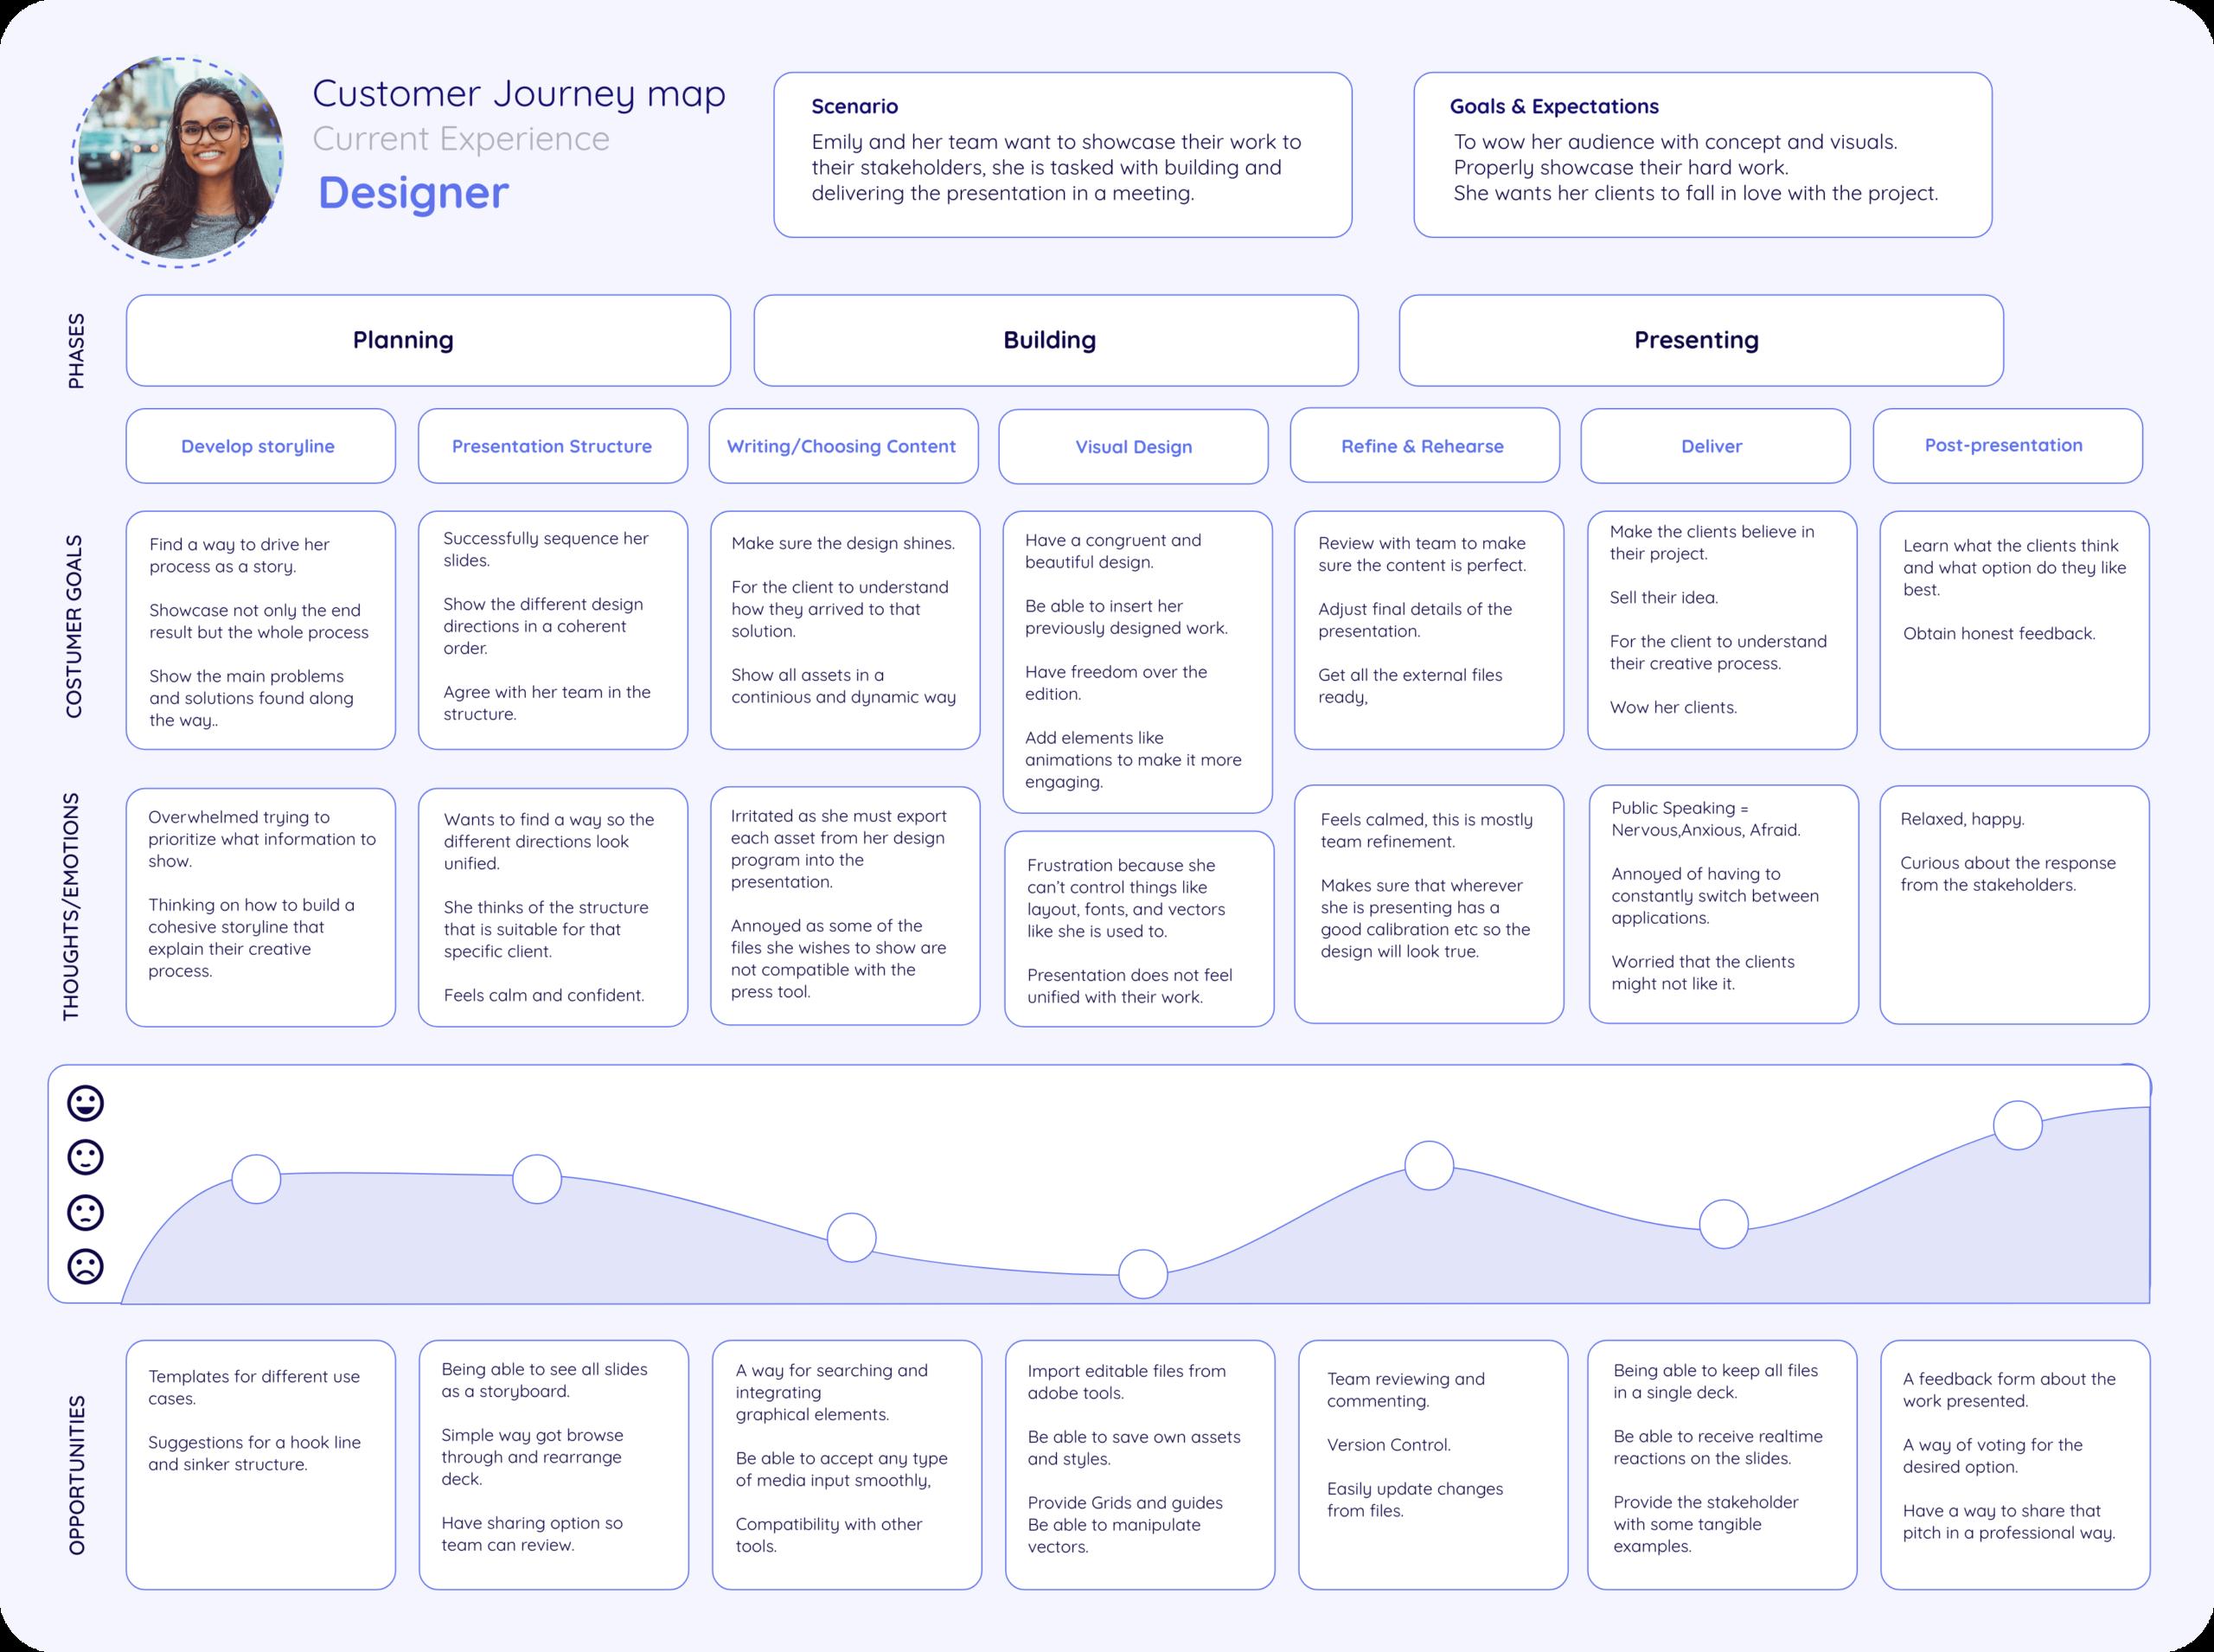 Customer Journey Map: Designer